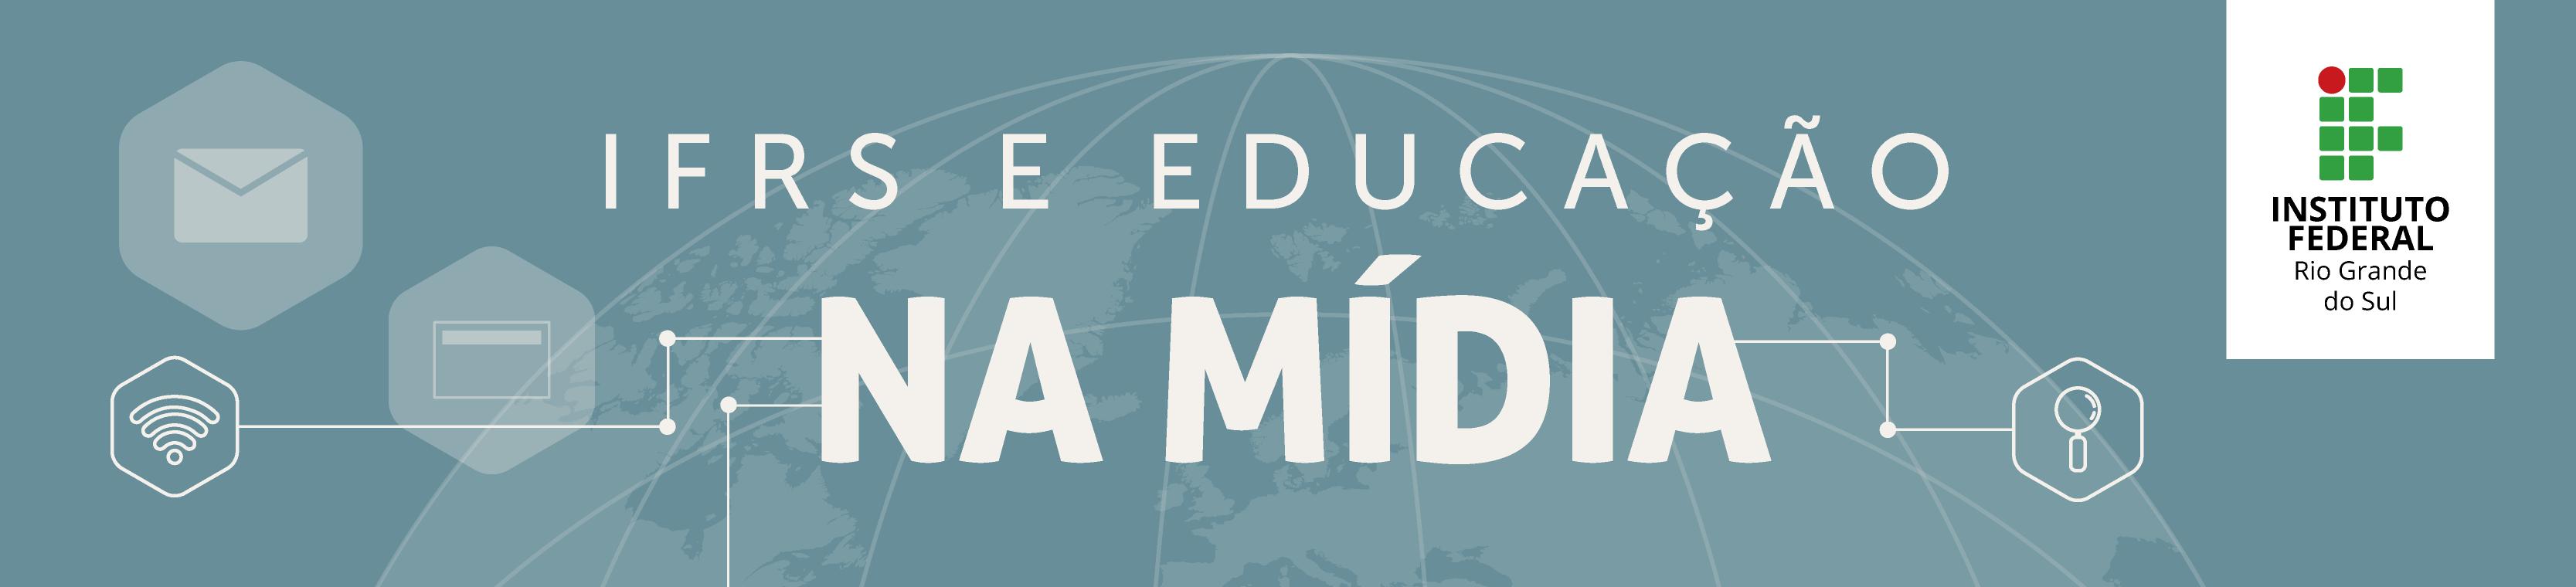 IFRS e Educação Na Mídia